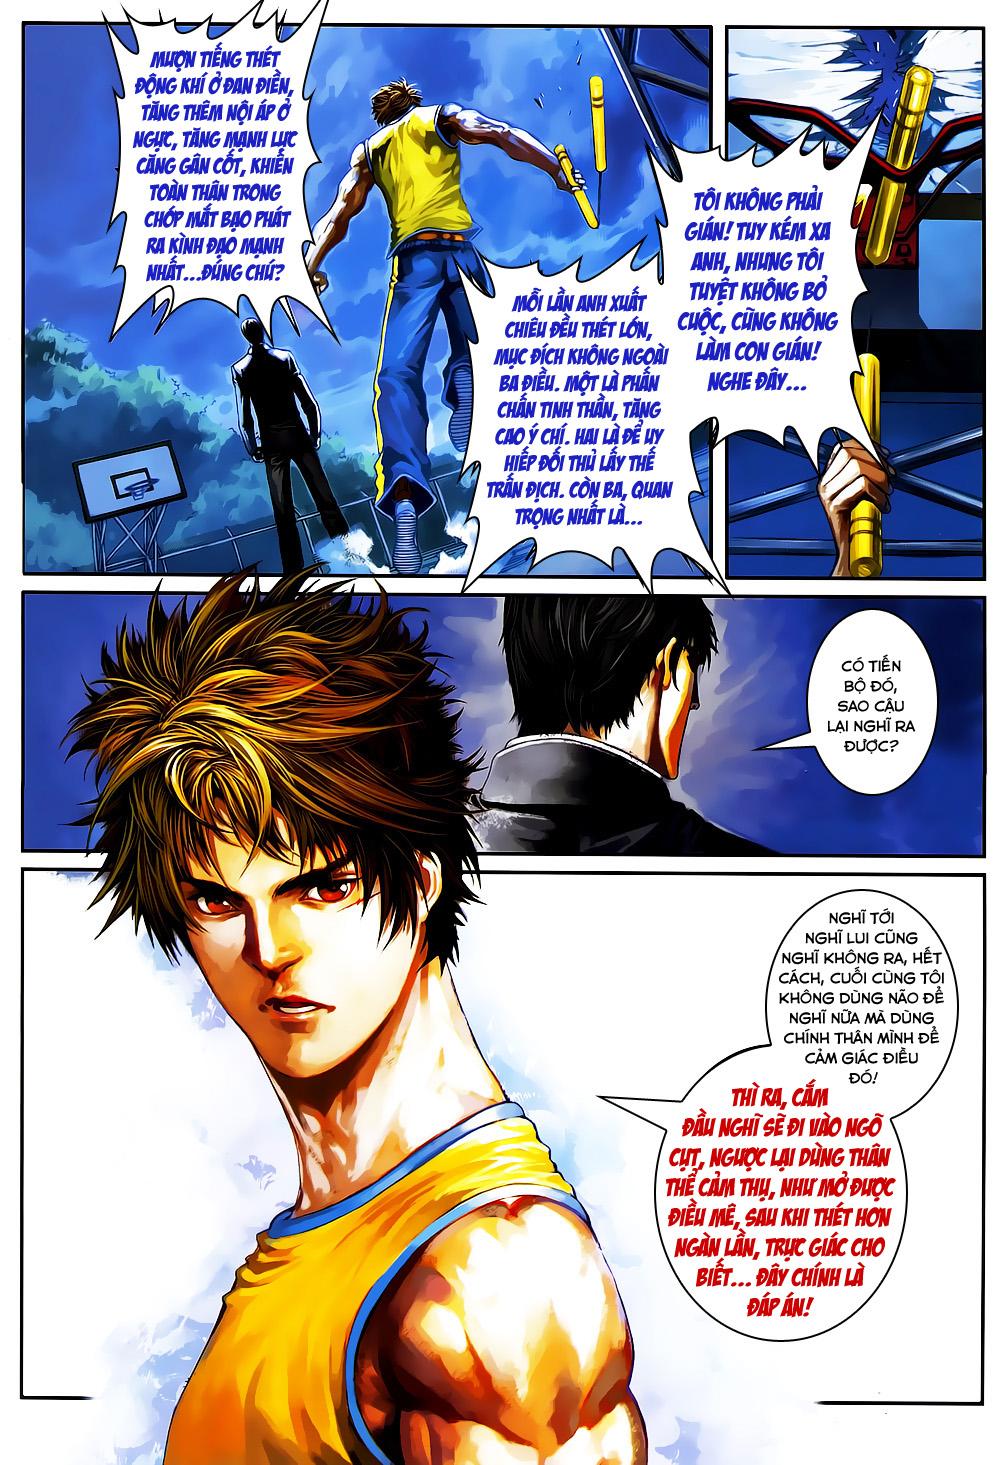 Quyền Đạo chapter 5 trang 16